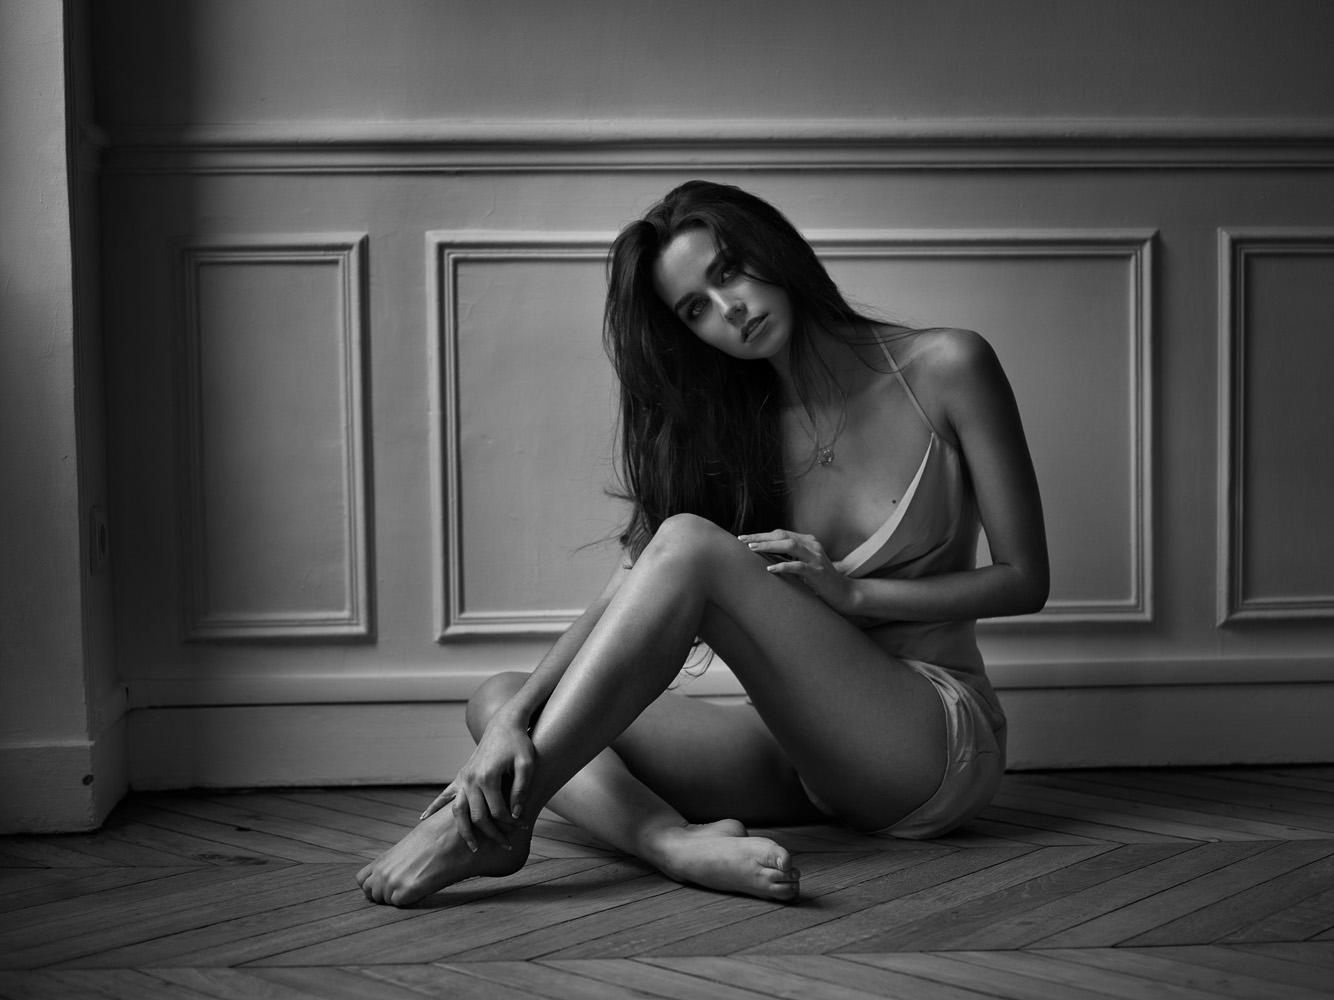 Juliette-161014_0660